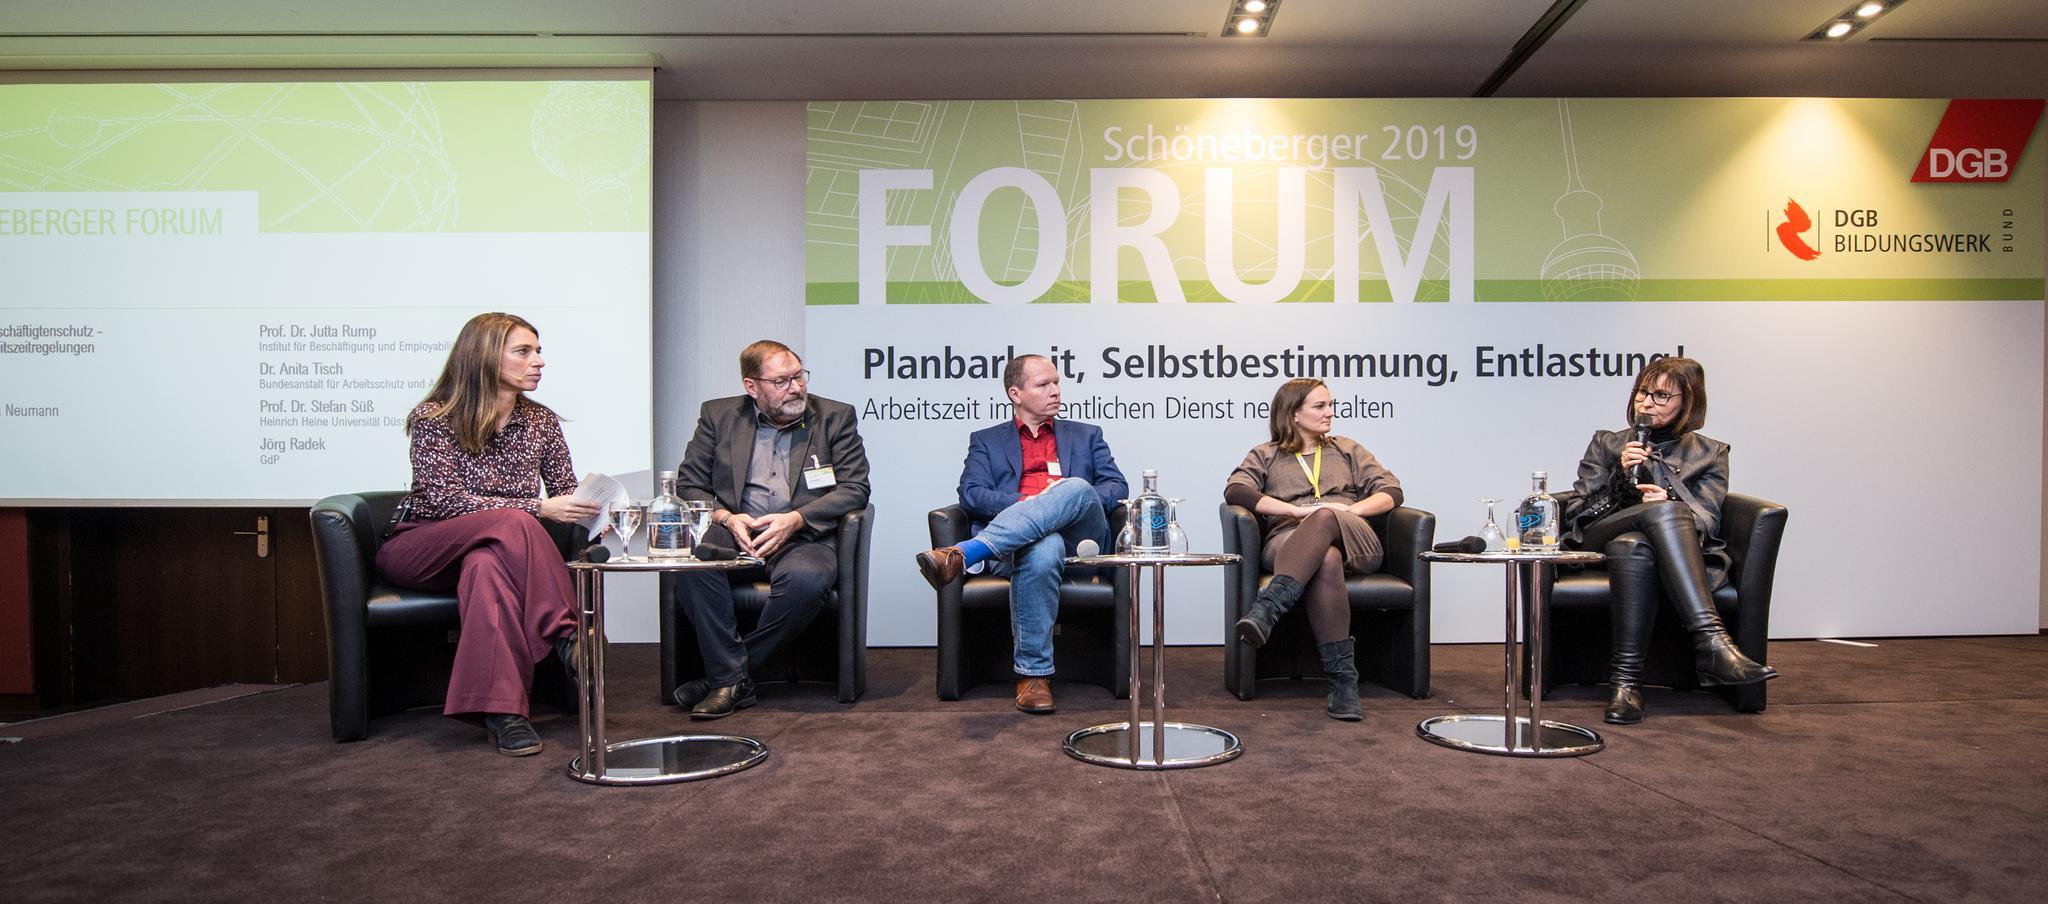 Diskussion beim Schöneberger Forum 2019